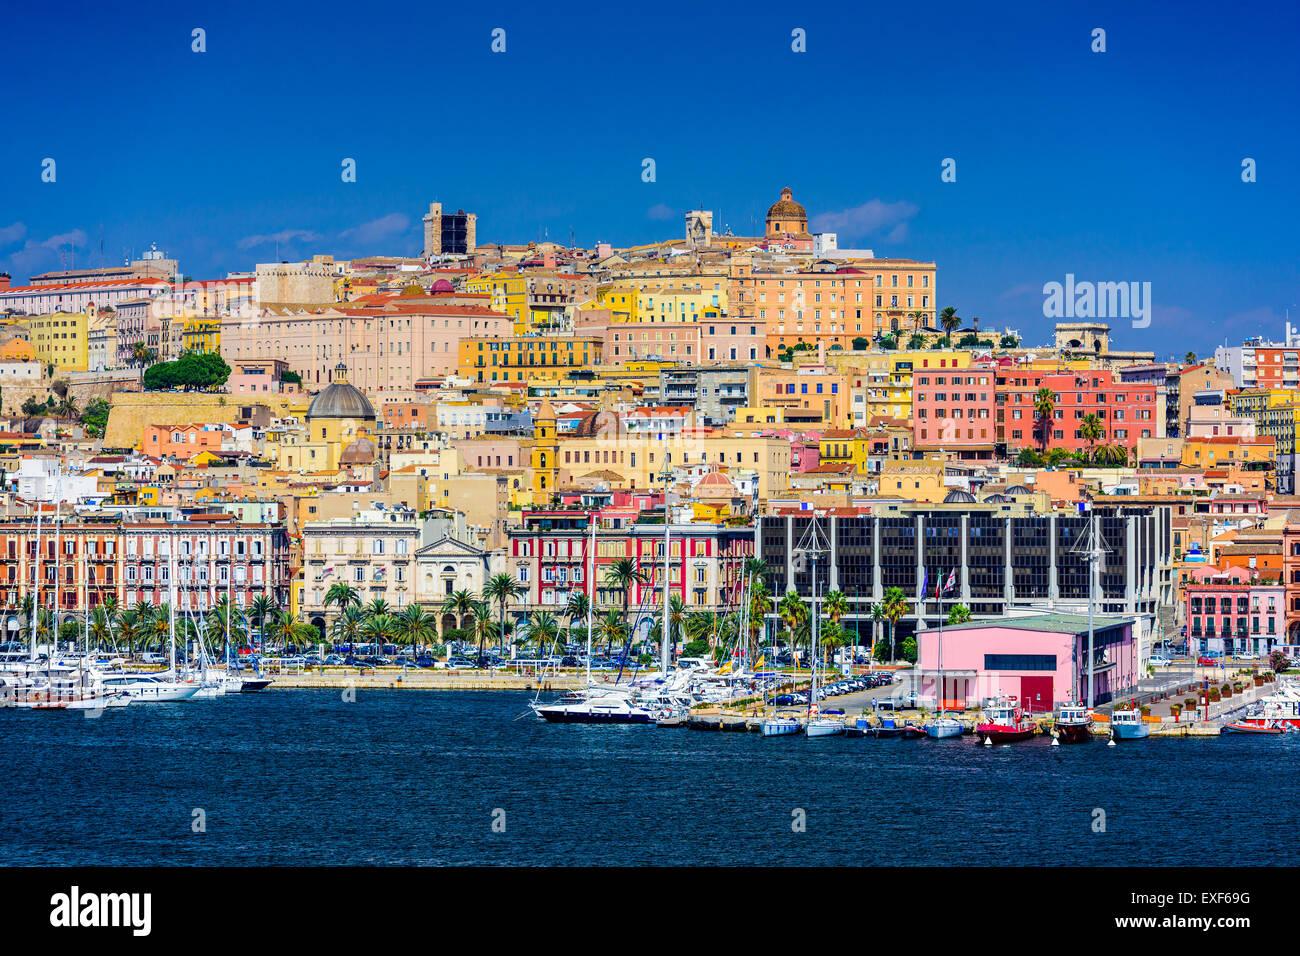 Cagliari, Sardinien, Italien Küste Skyline am Mittelmeer. Stockbild